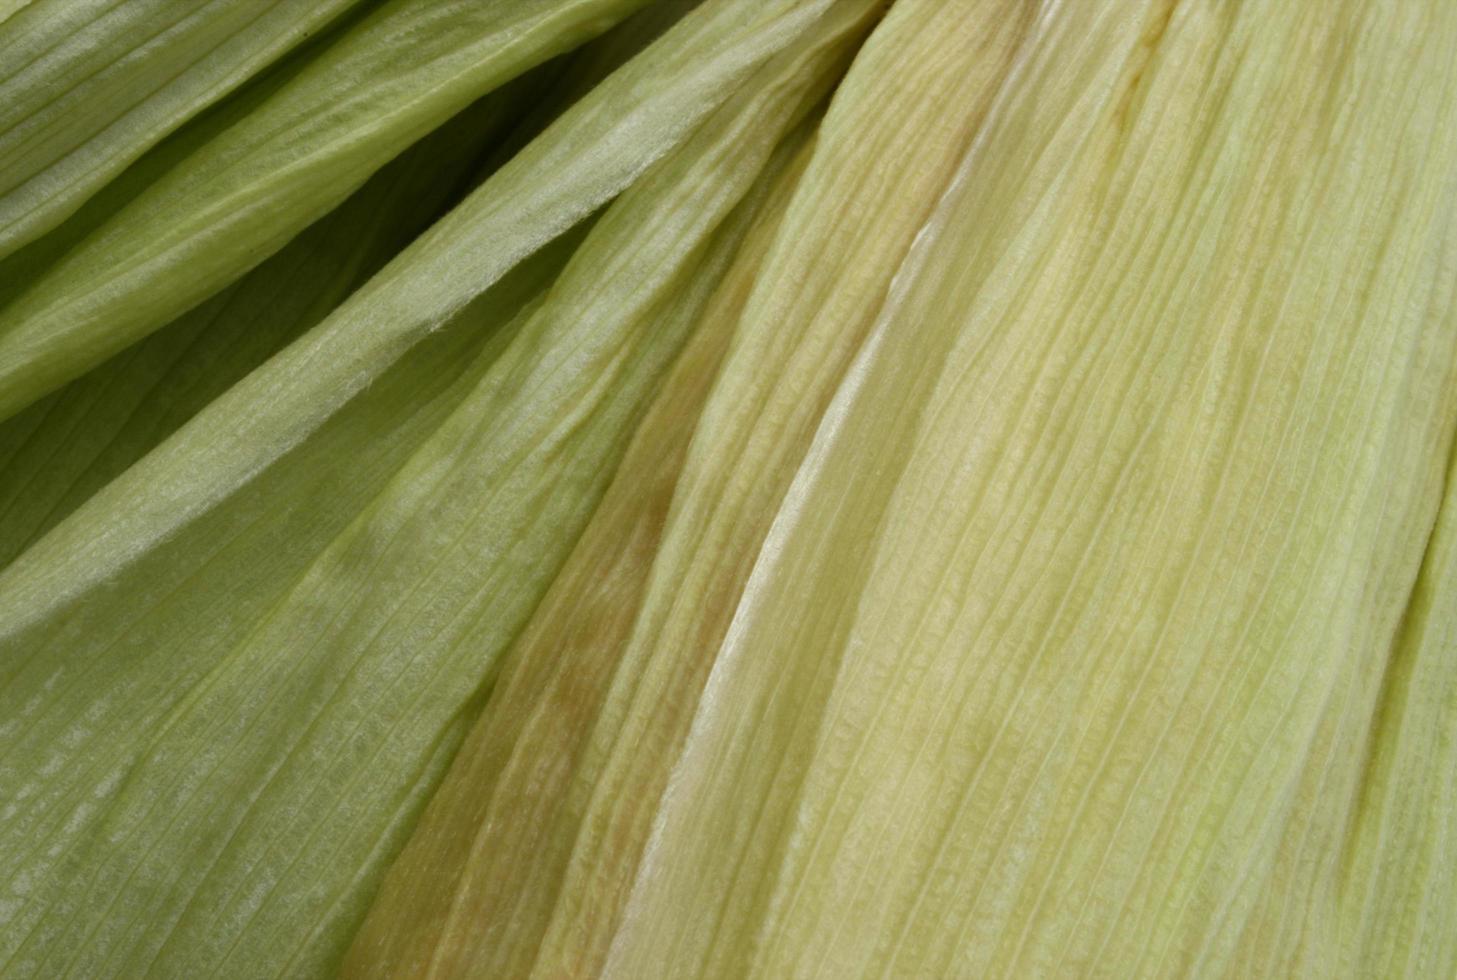 Nahaufnahme von Maisschalen foto